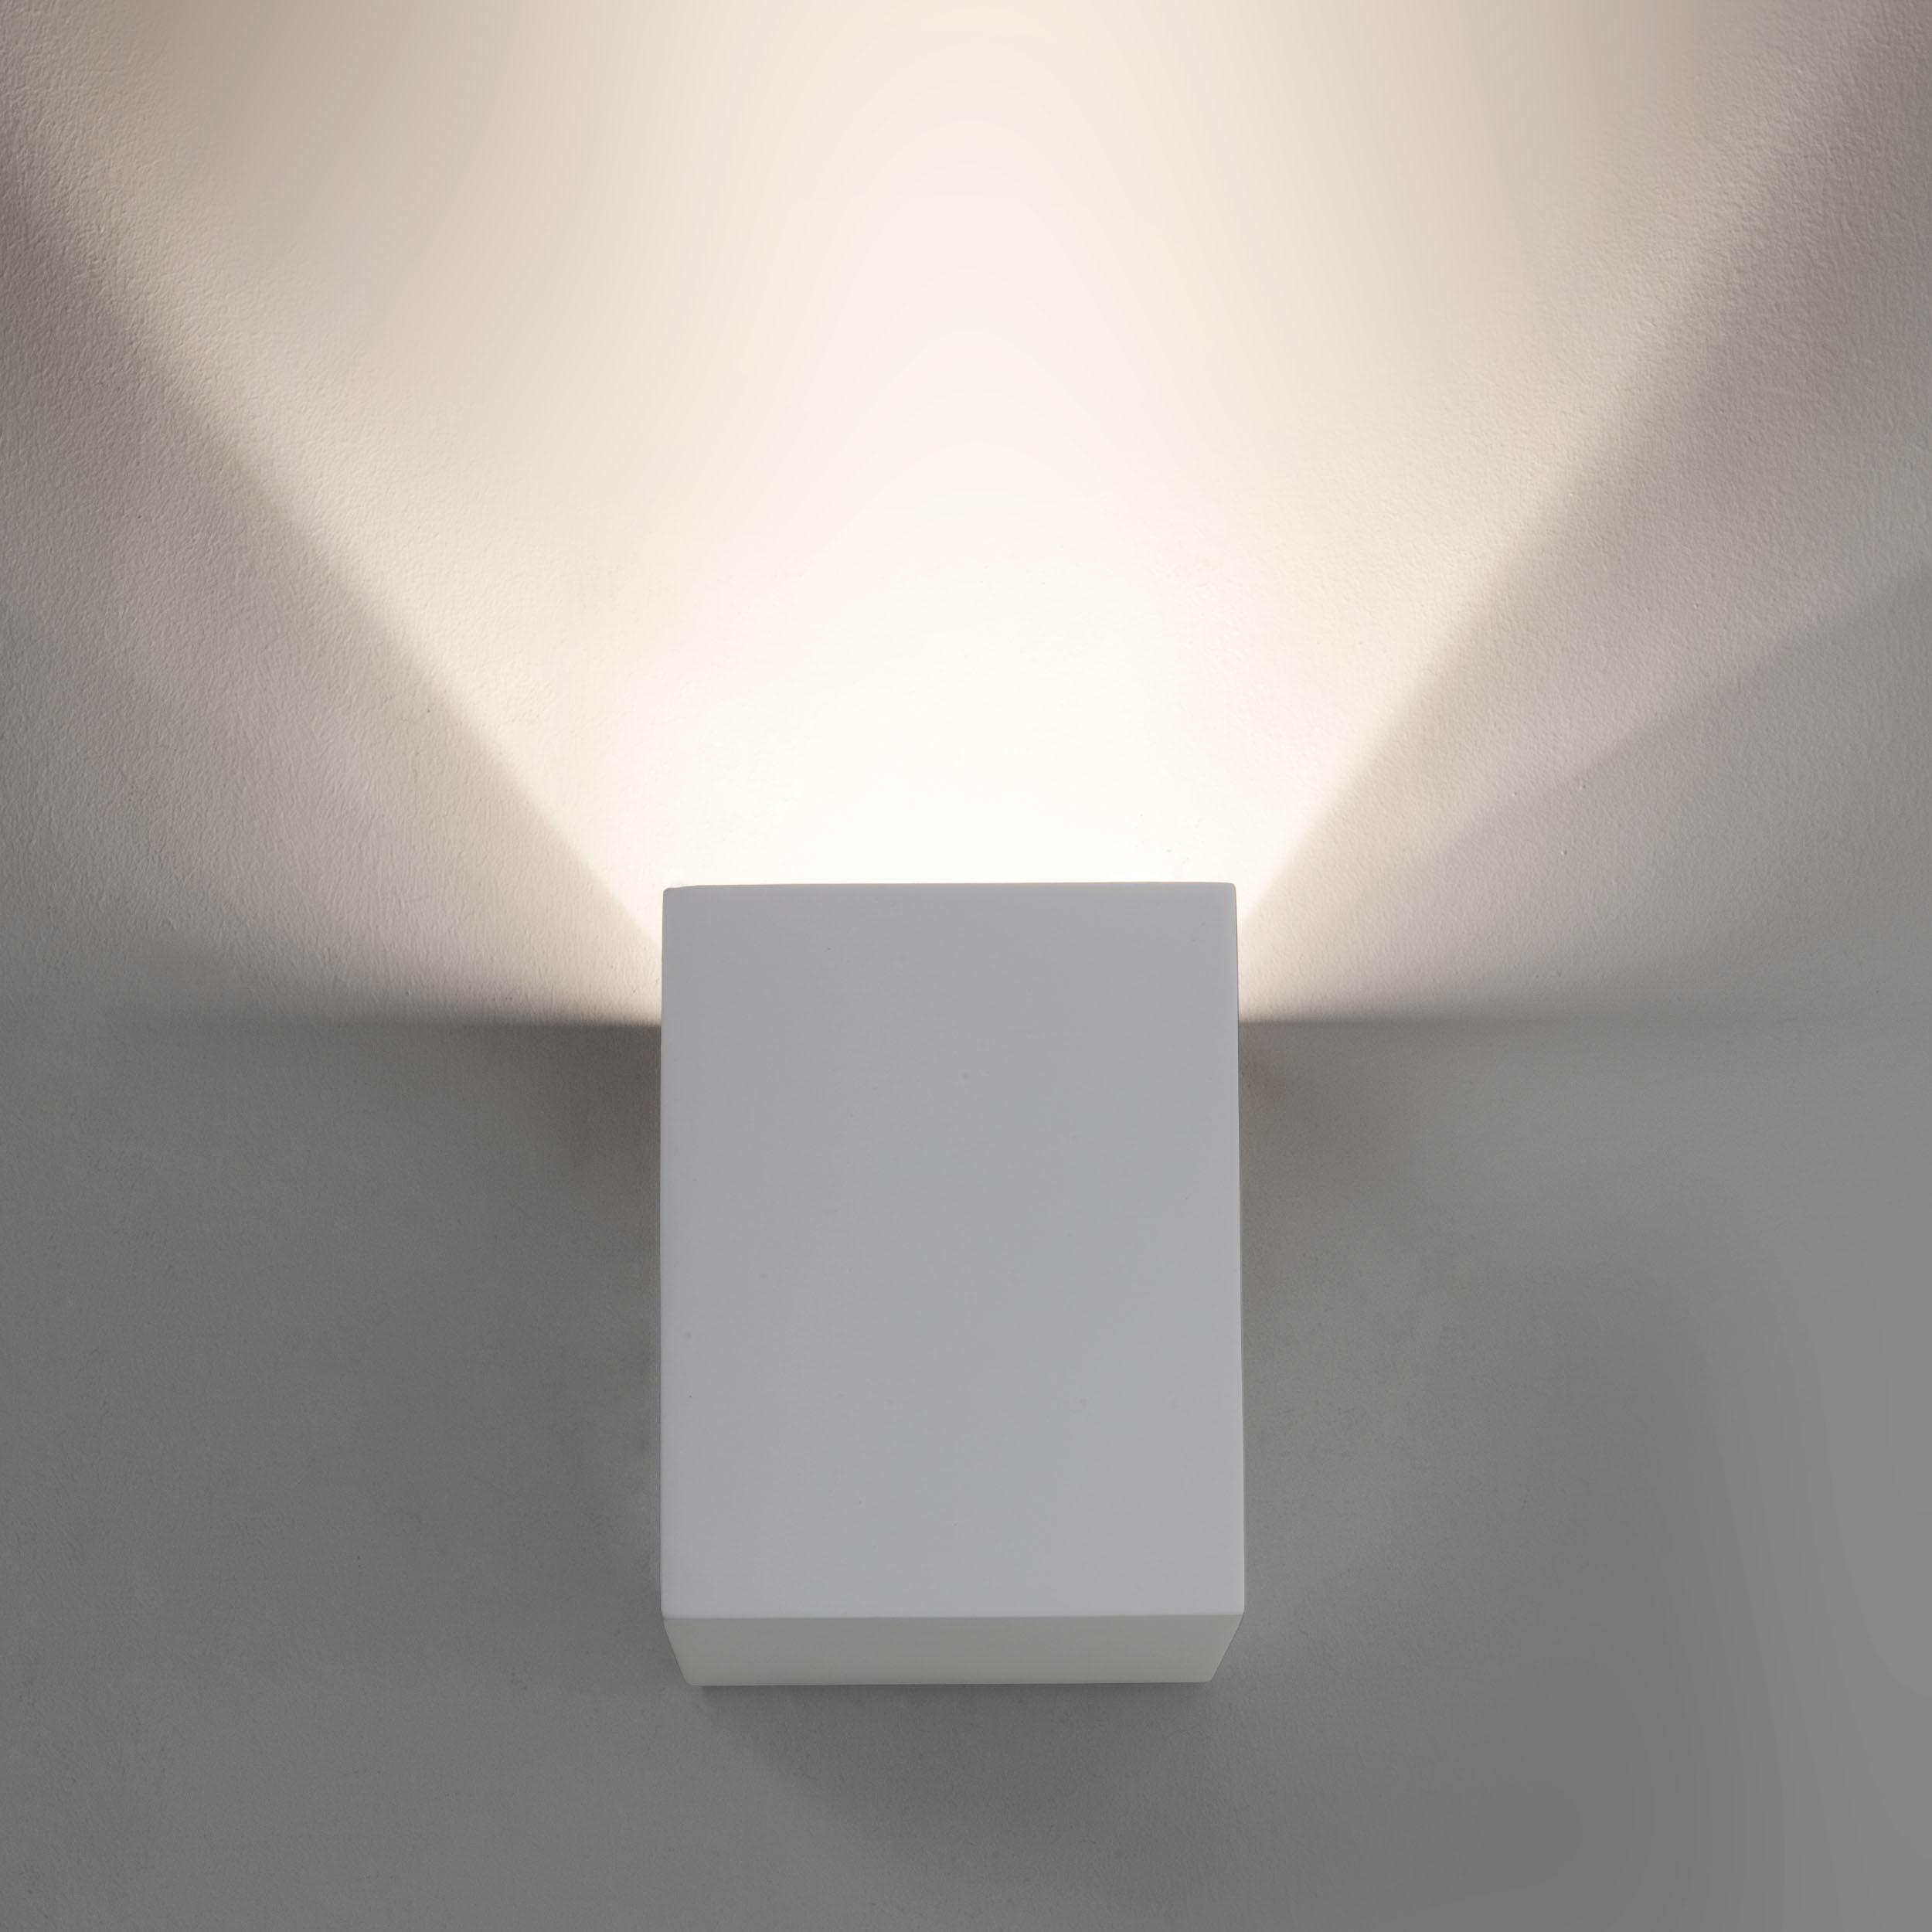 Настенный светодиодный светильник Astro Parma 1187004 (7019), LED 3,98W 3000K 104.3lm CRI80, белый, под покраску, гипс - фото 3